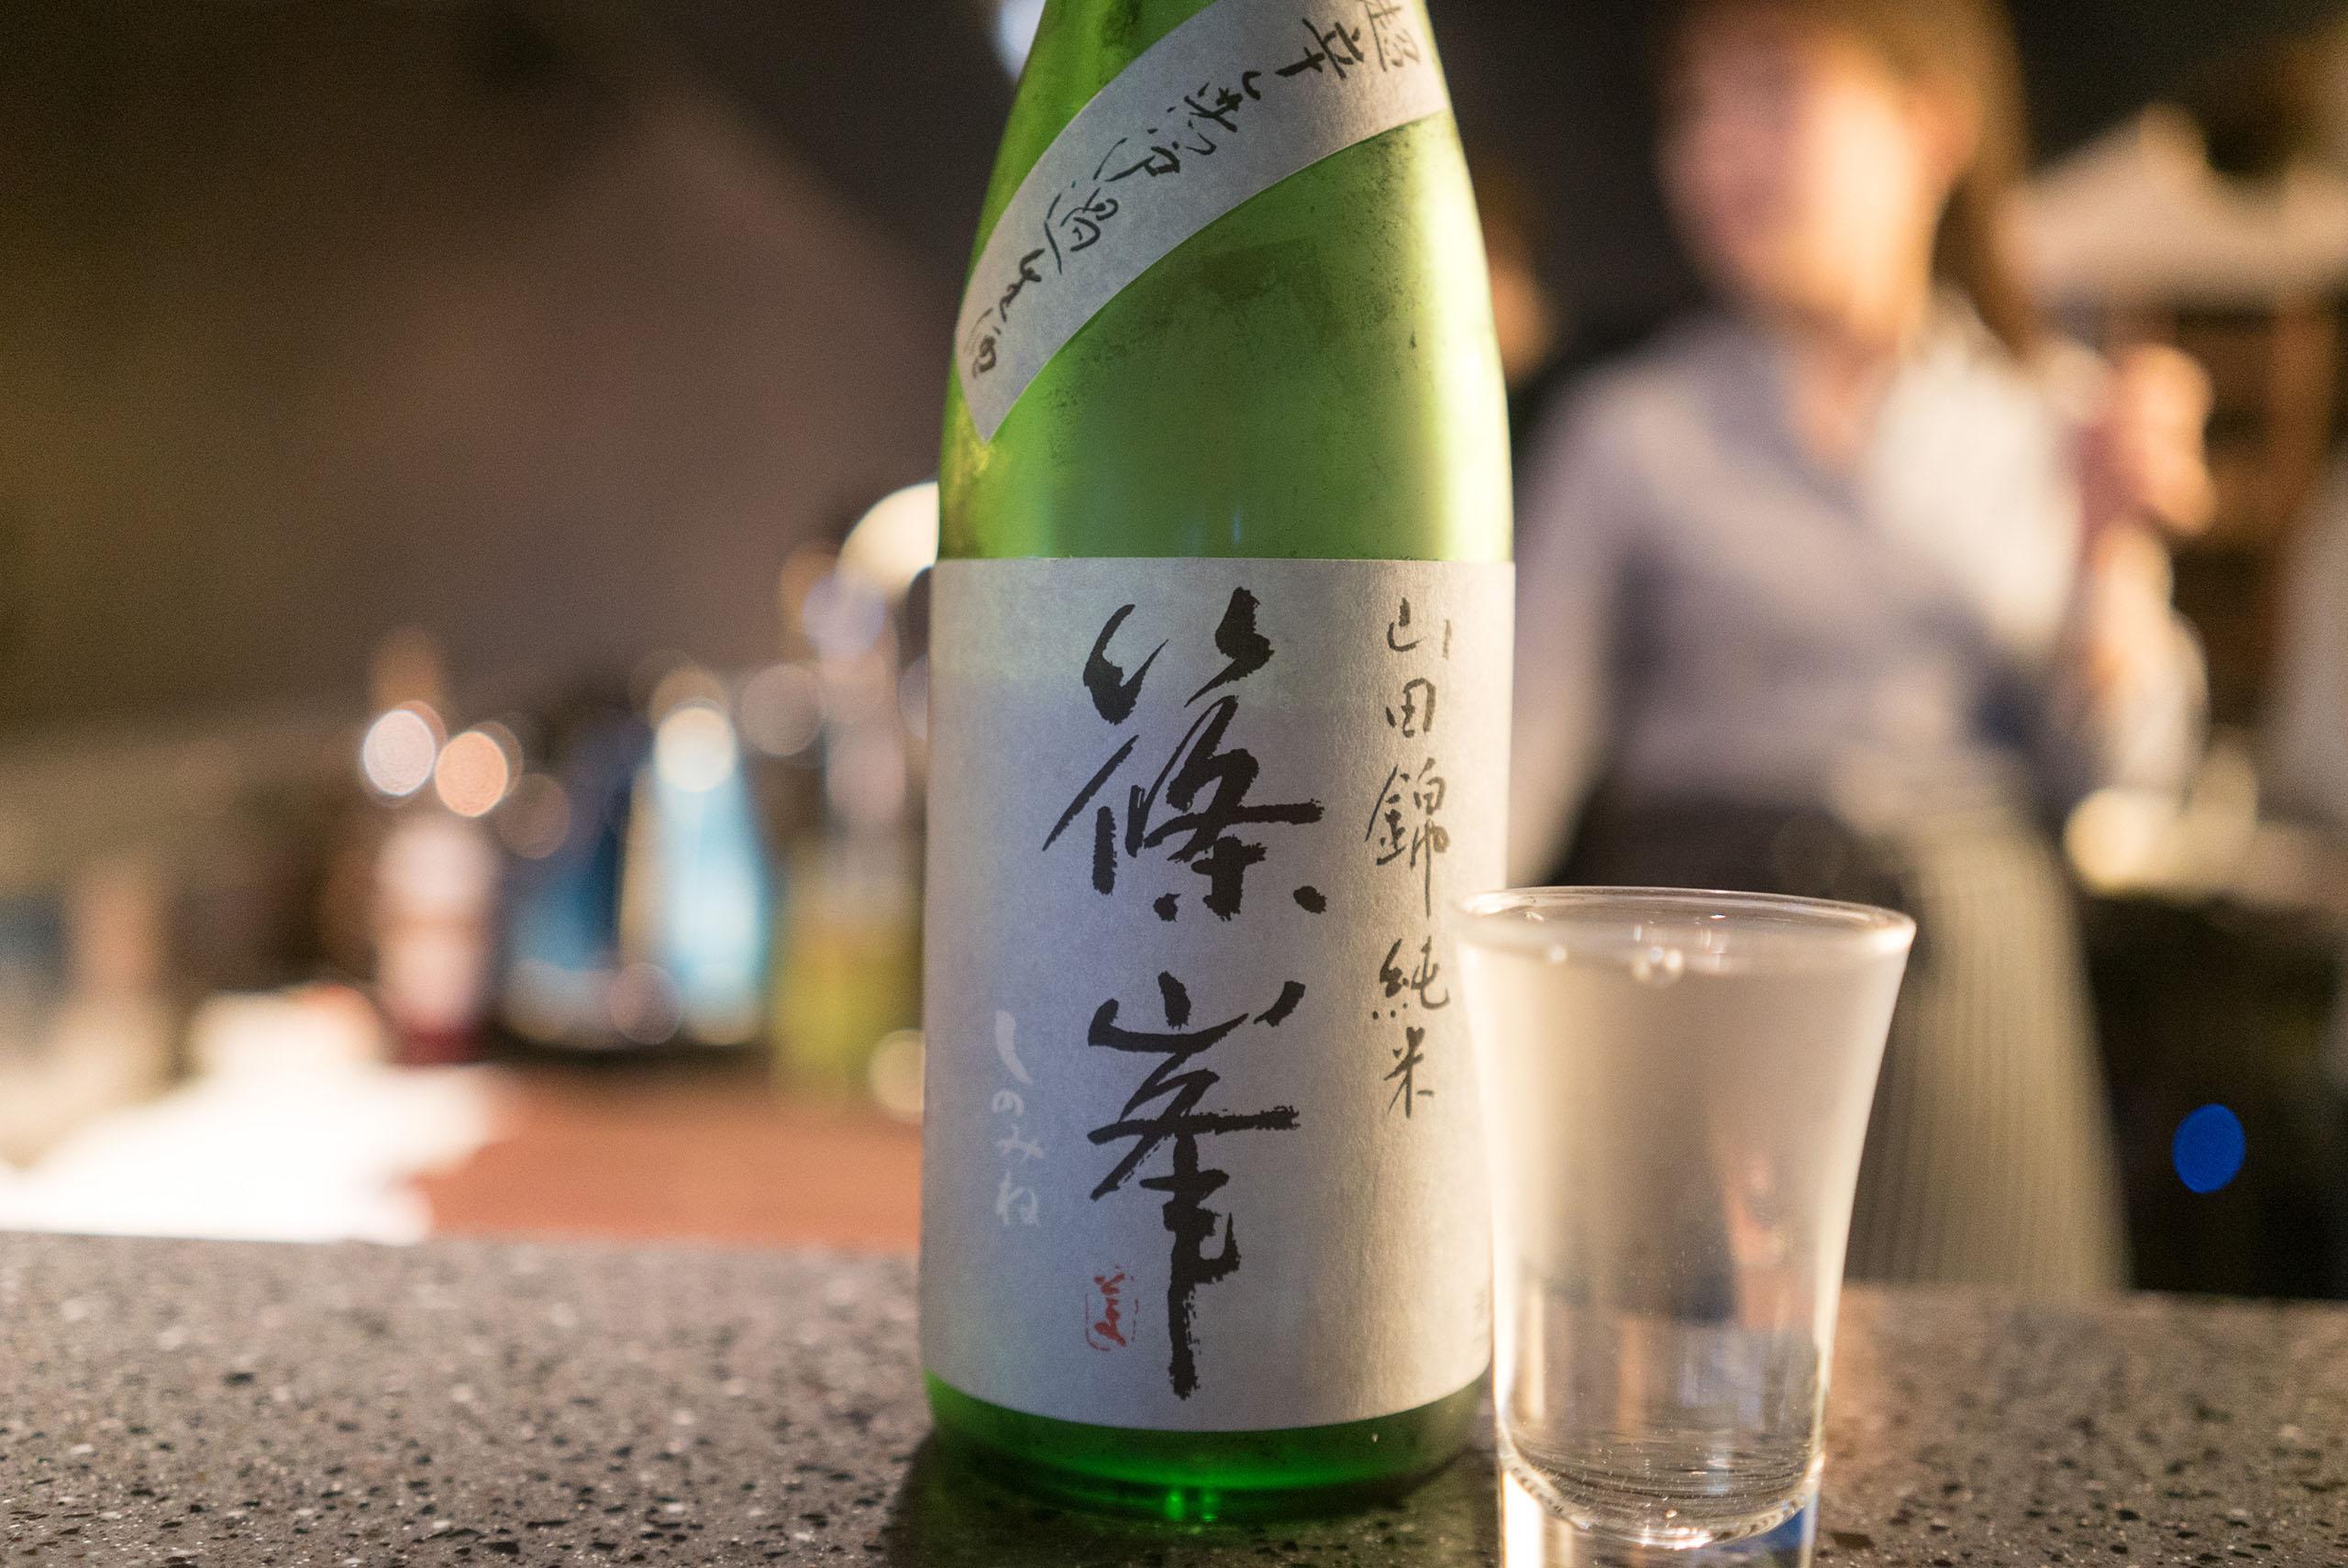 시노미네 쥰마이 야마다니시키 쵸카라 무로카나마자케